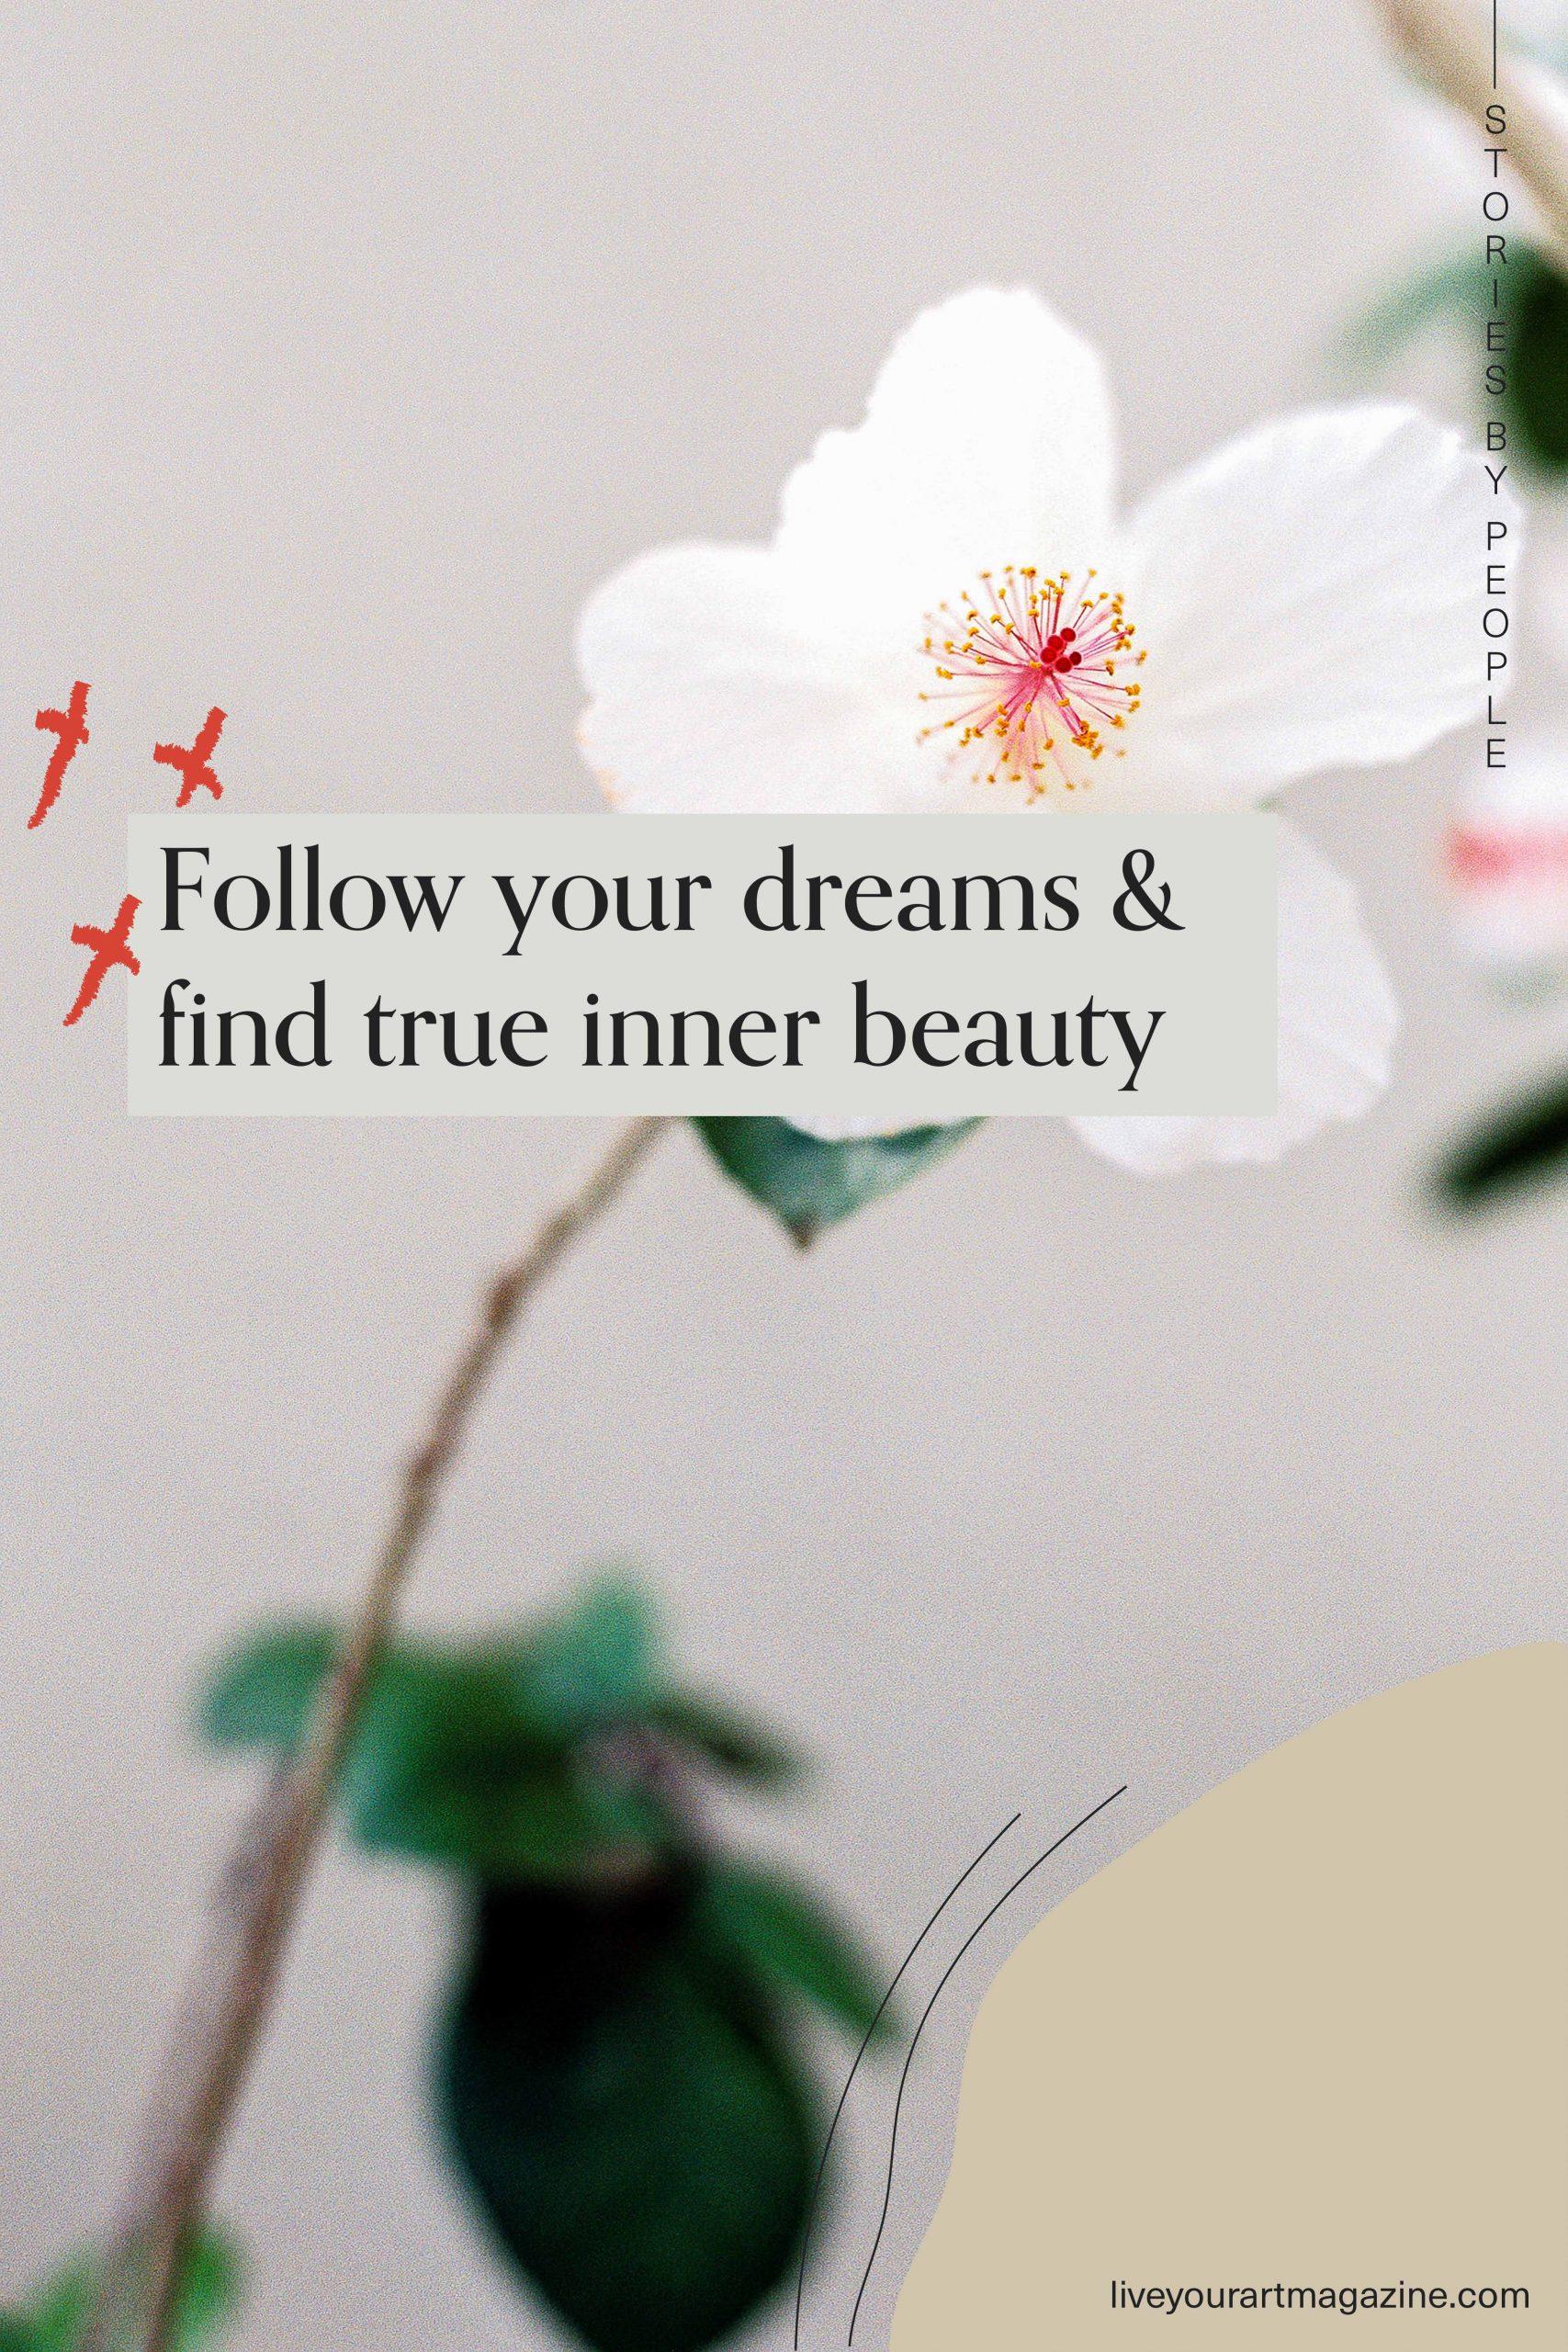 Follow your dreams & find true inner beauty